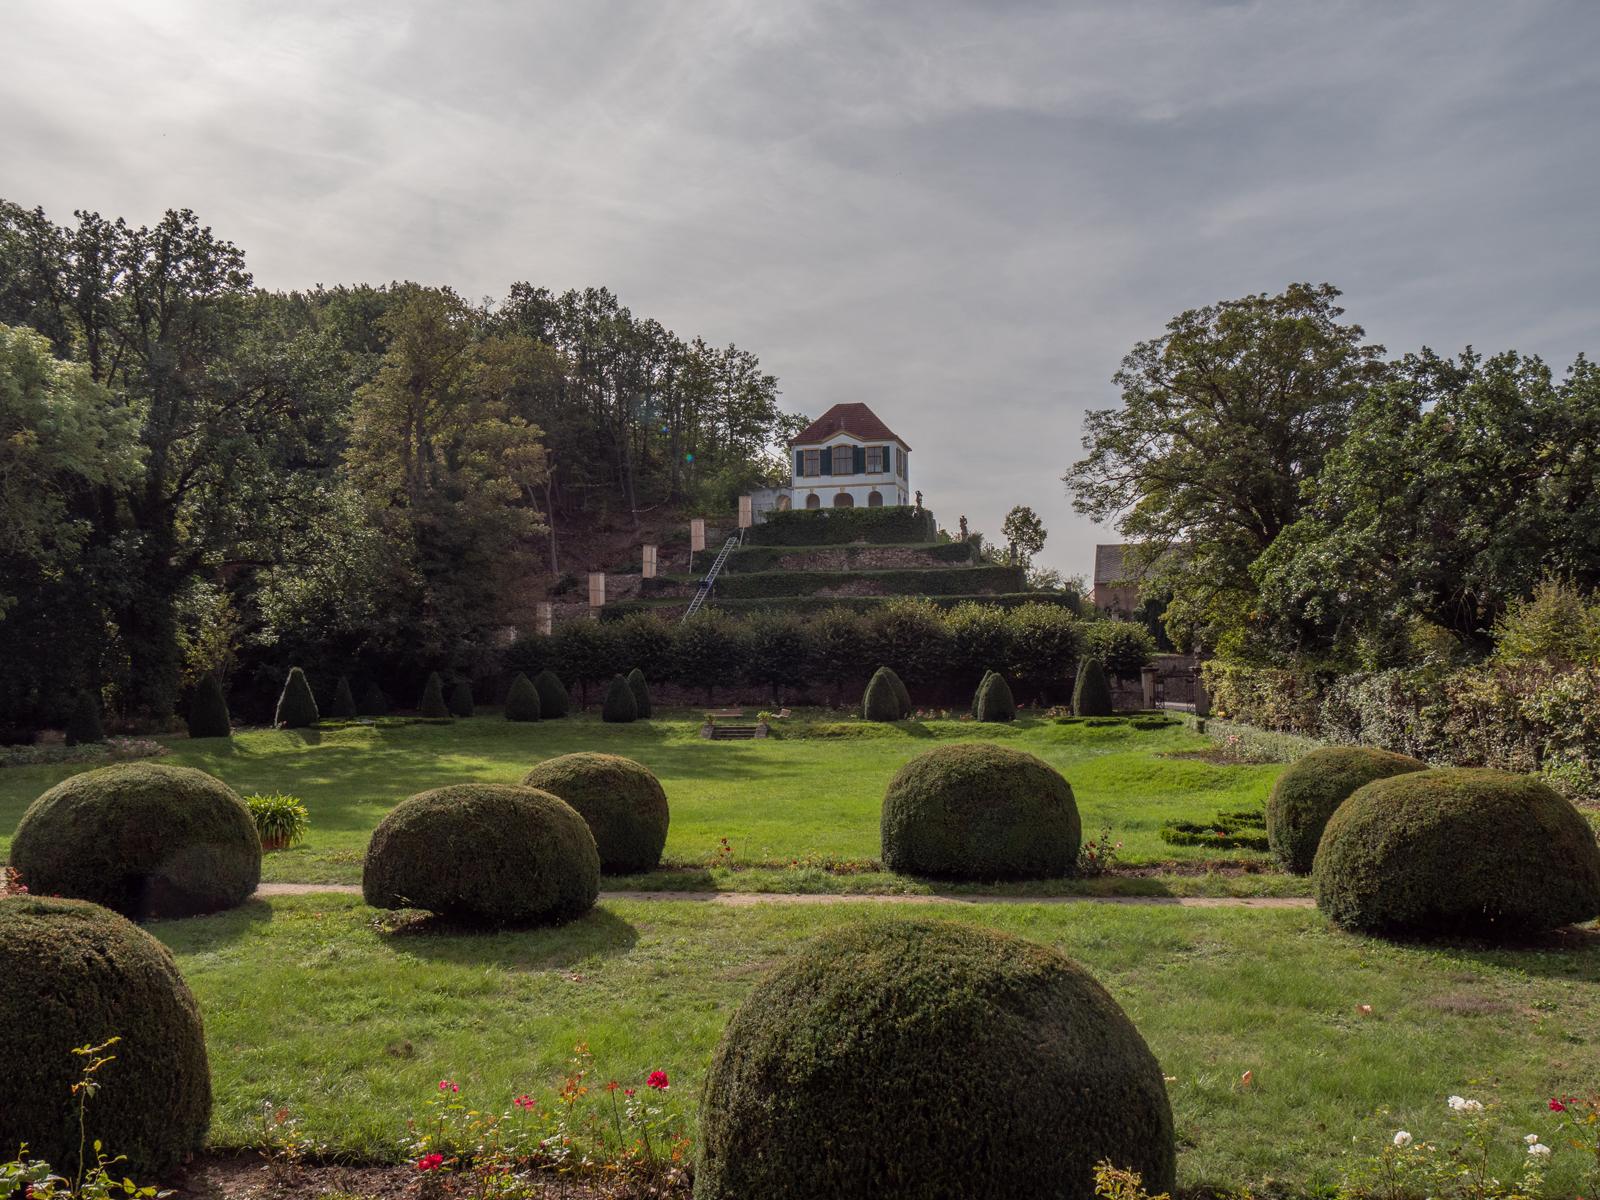 Blick zur Heinrichsburg, links die in Instandsetzung befindliche Monatstreppe